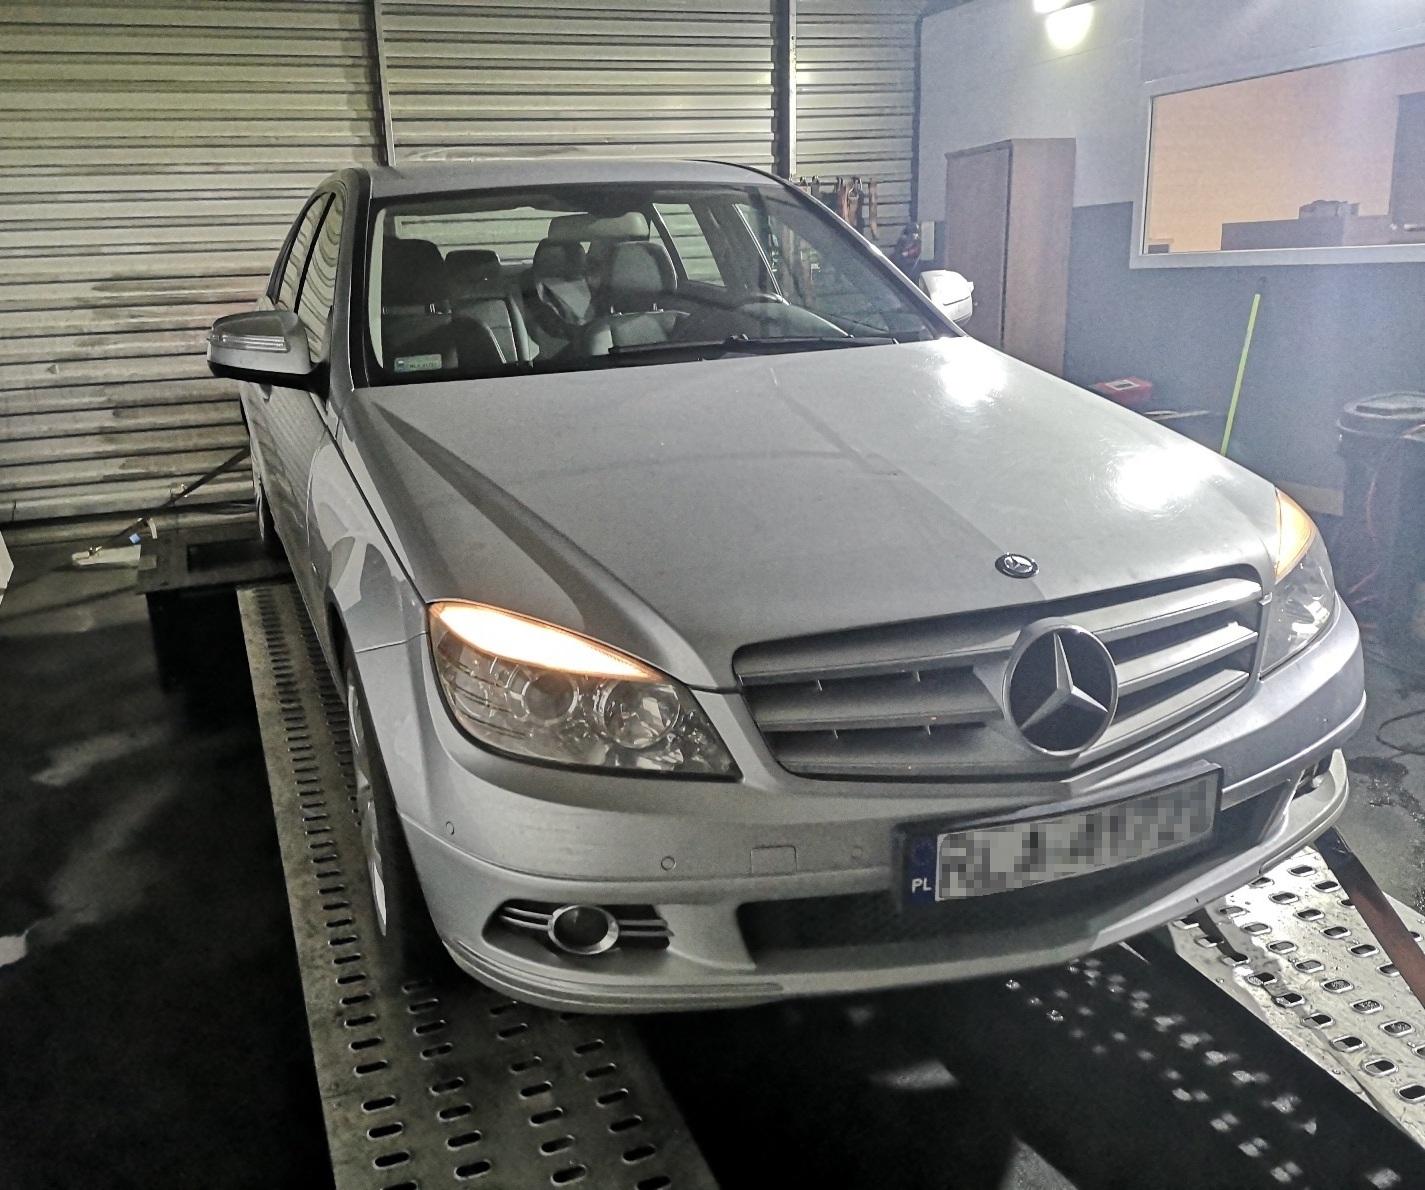 Mercedes W204 C200 CDI 136KM 270NM >> 195KM 409Nm